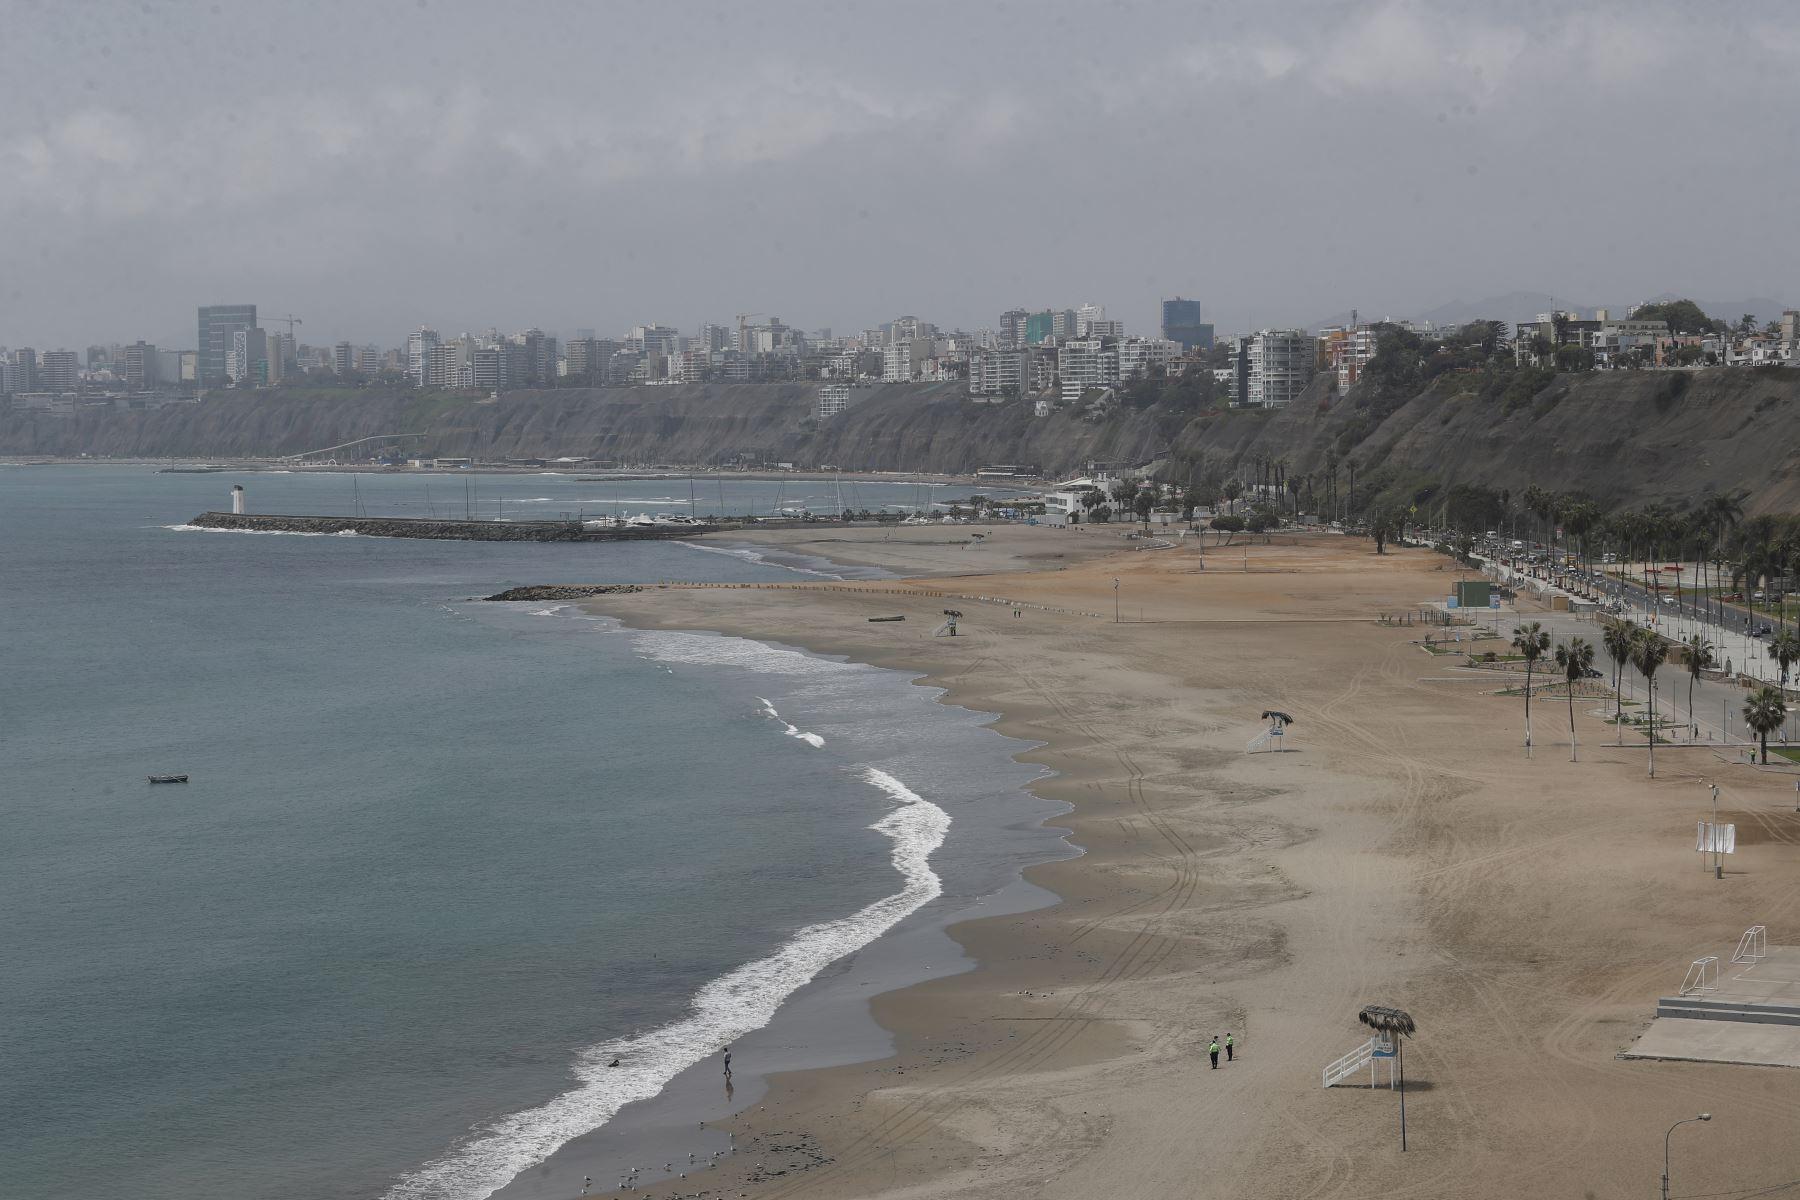 Efectivos de la Policía Nacional controlan el ingreso a playas de la Costa Verde tras nuevas disposiciones emitidas por el gobierno. Foto: ANDINA/Renato Pajuelo